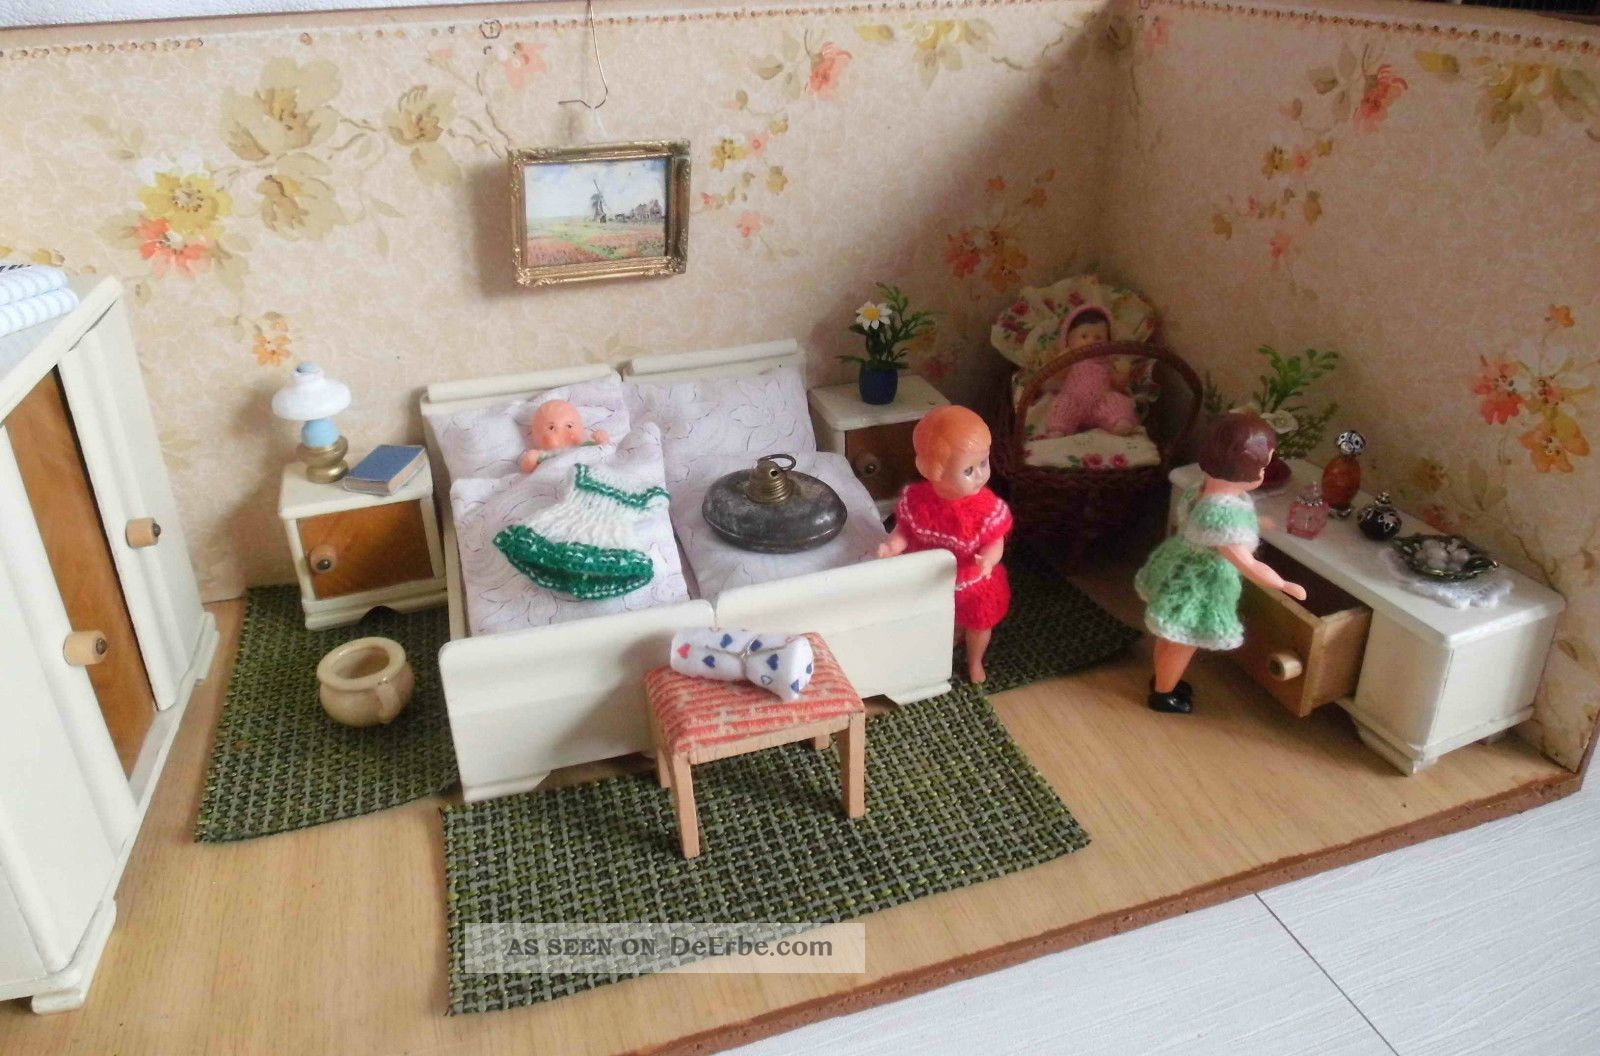 Antike Schlafzimmermöbel Mit Zubehör 30er Jahre Für Puppenstube/puppenhaus